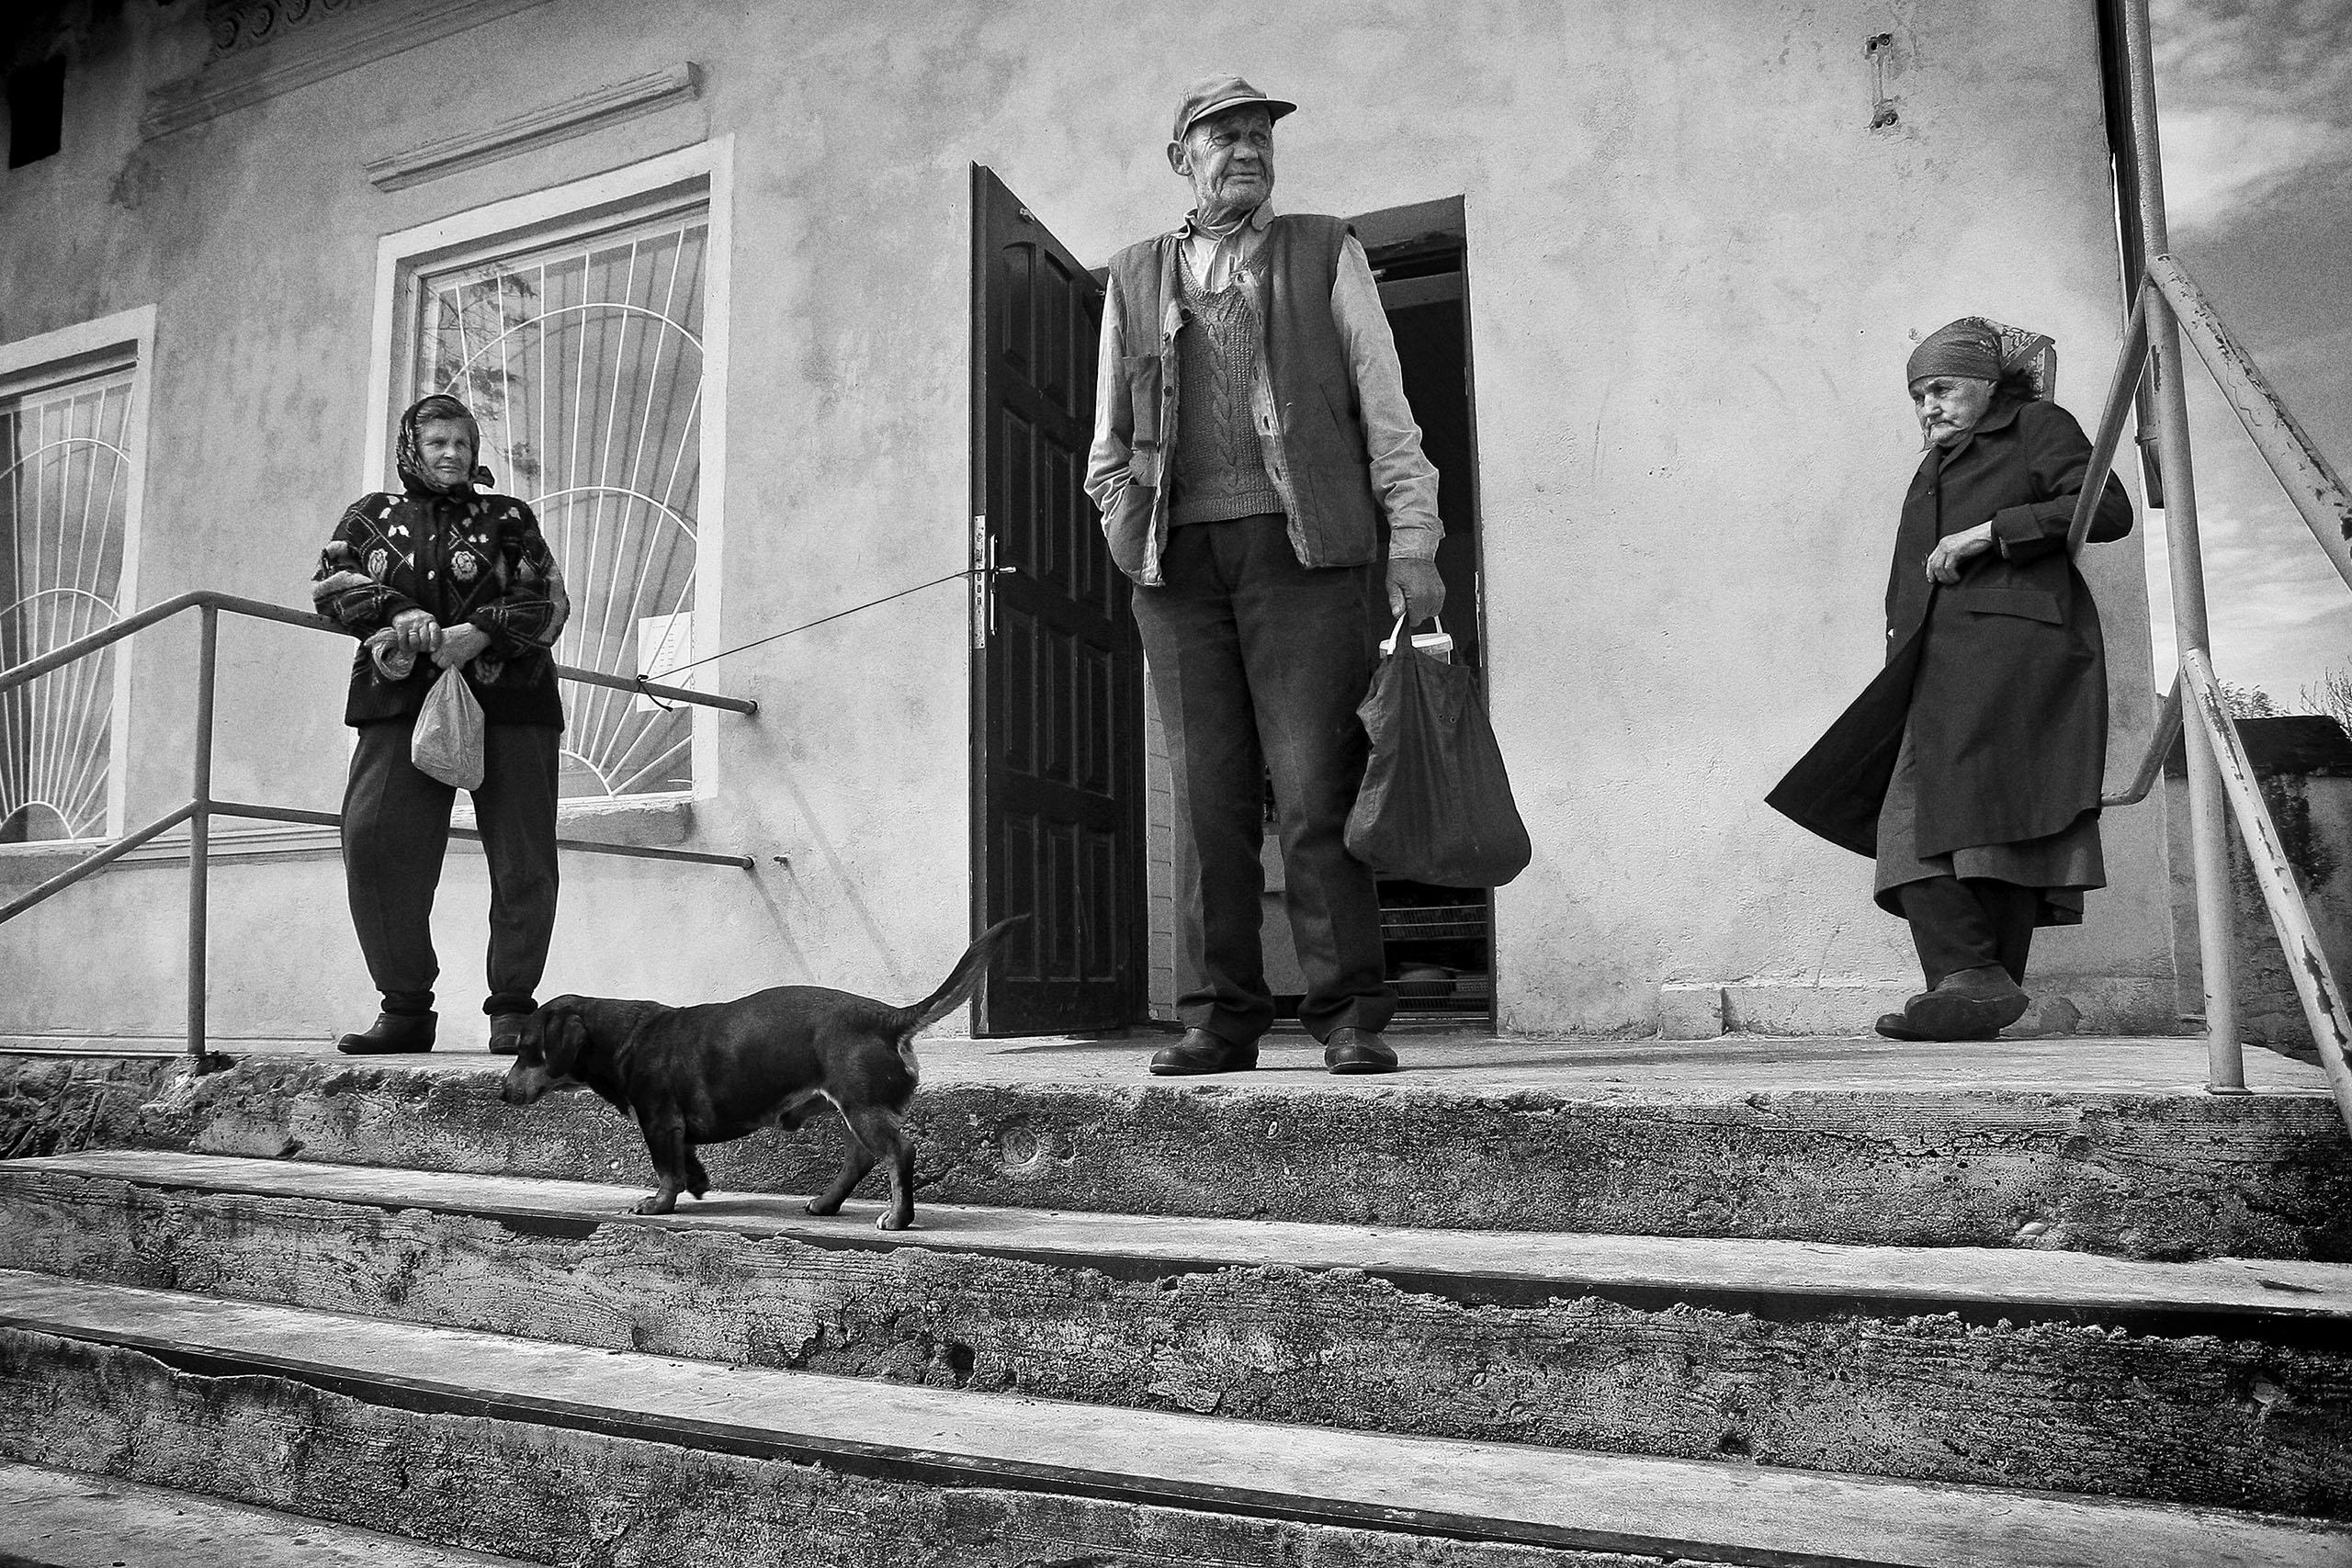 © Romualdas Vaitkus